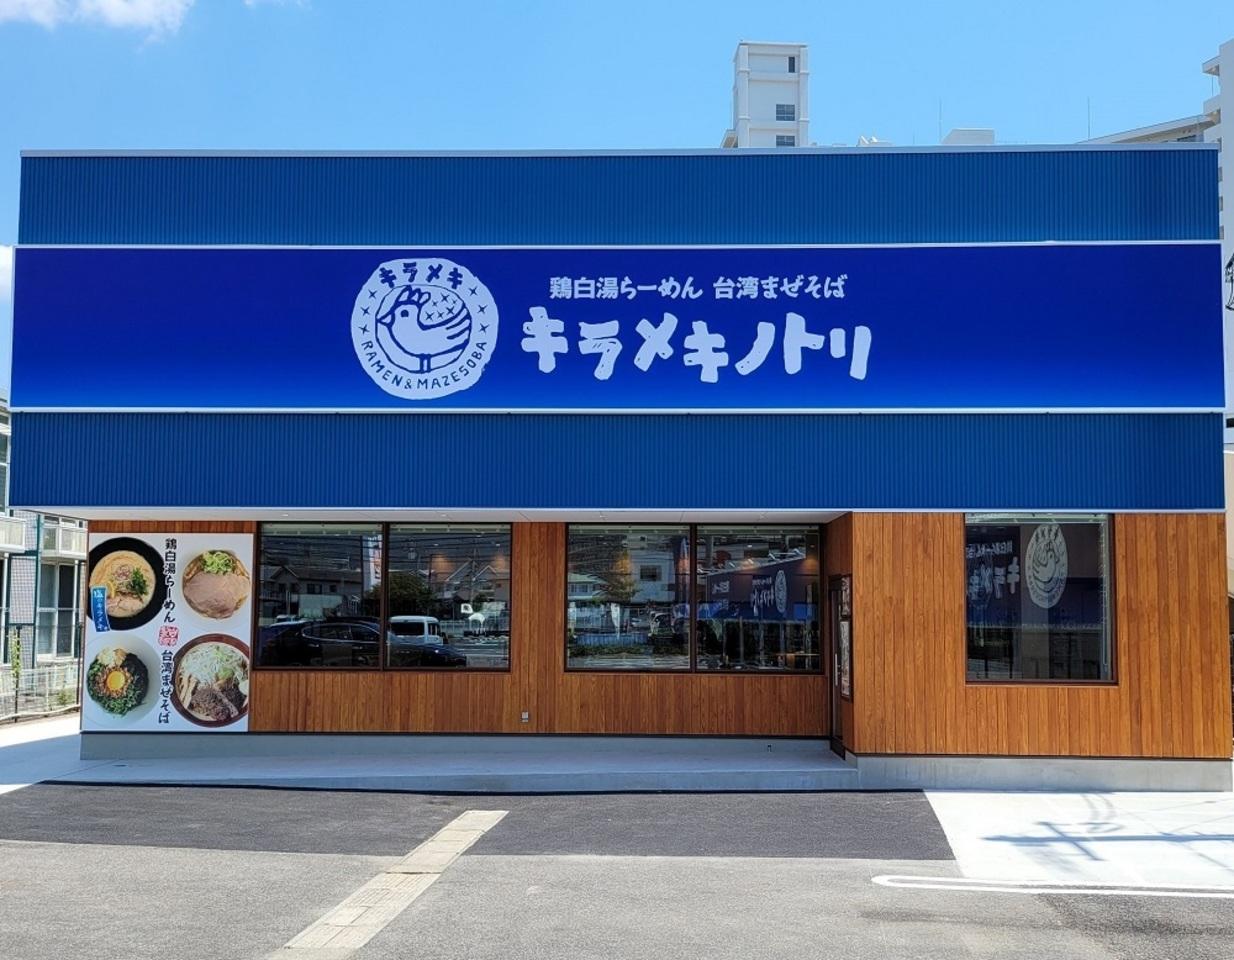 滋賀県大津市柳が崎に「キラメキノトリ滋賀西大津店」が本日グランドオープンのようです。